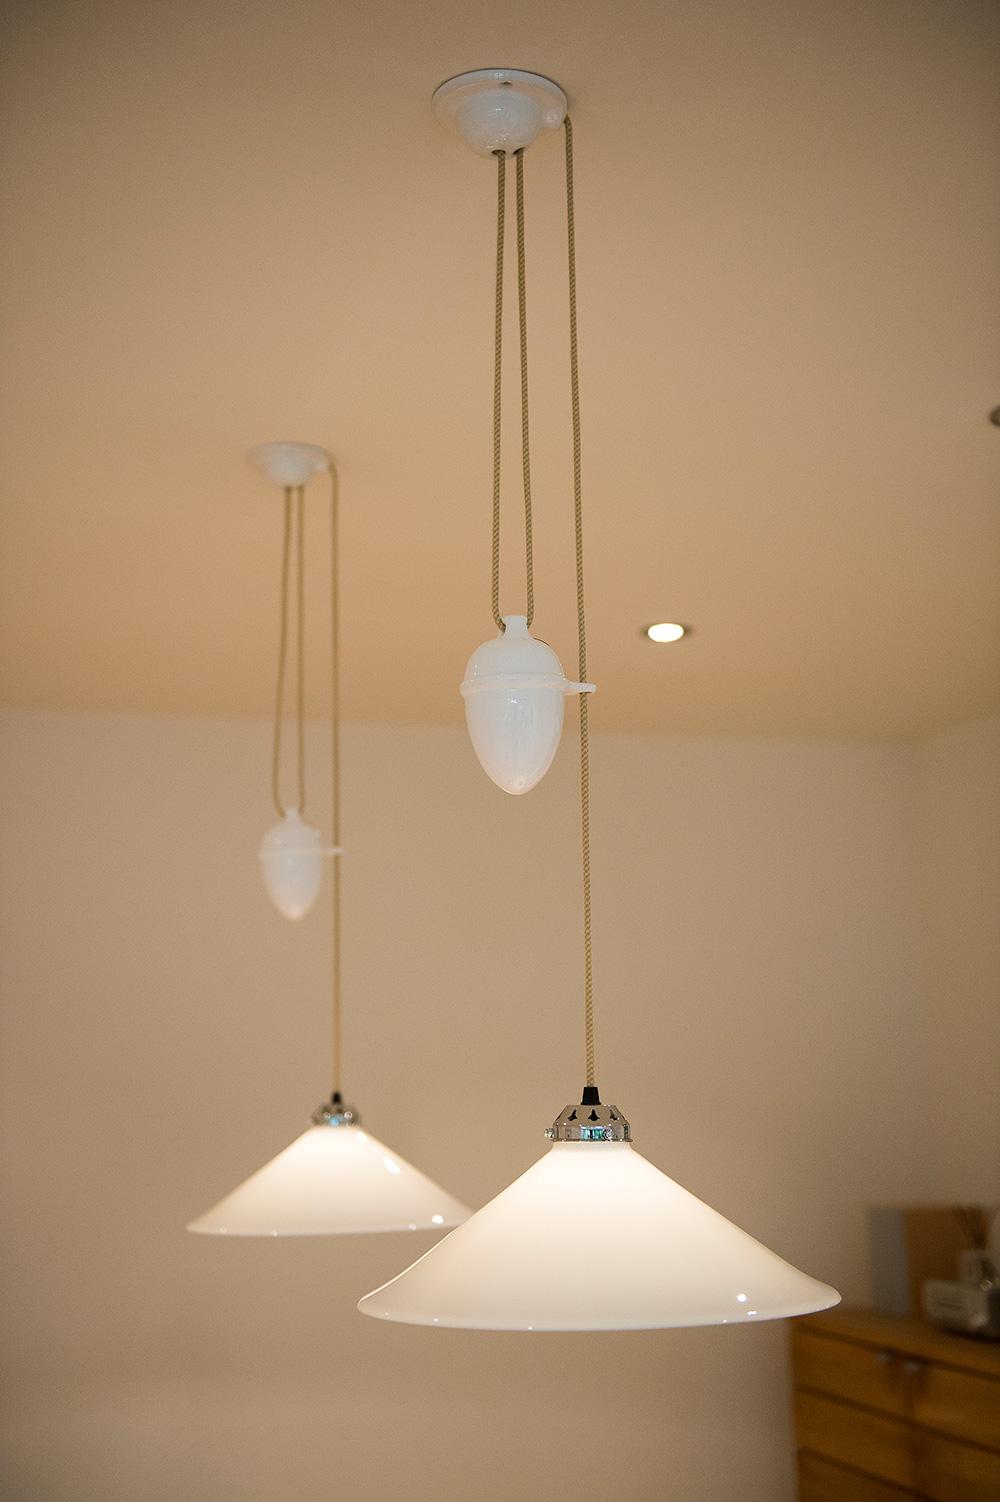 cob pendent BTC lighting Wimbledon Interior Designer, pendent lights, Nikkirees.com, interior design